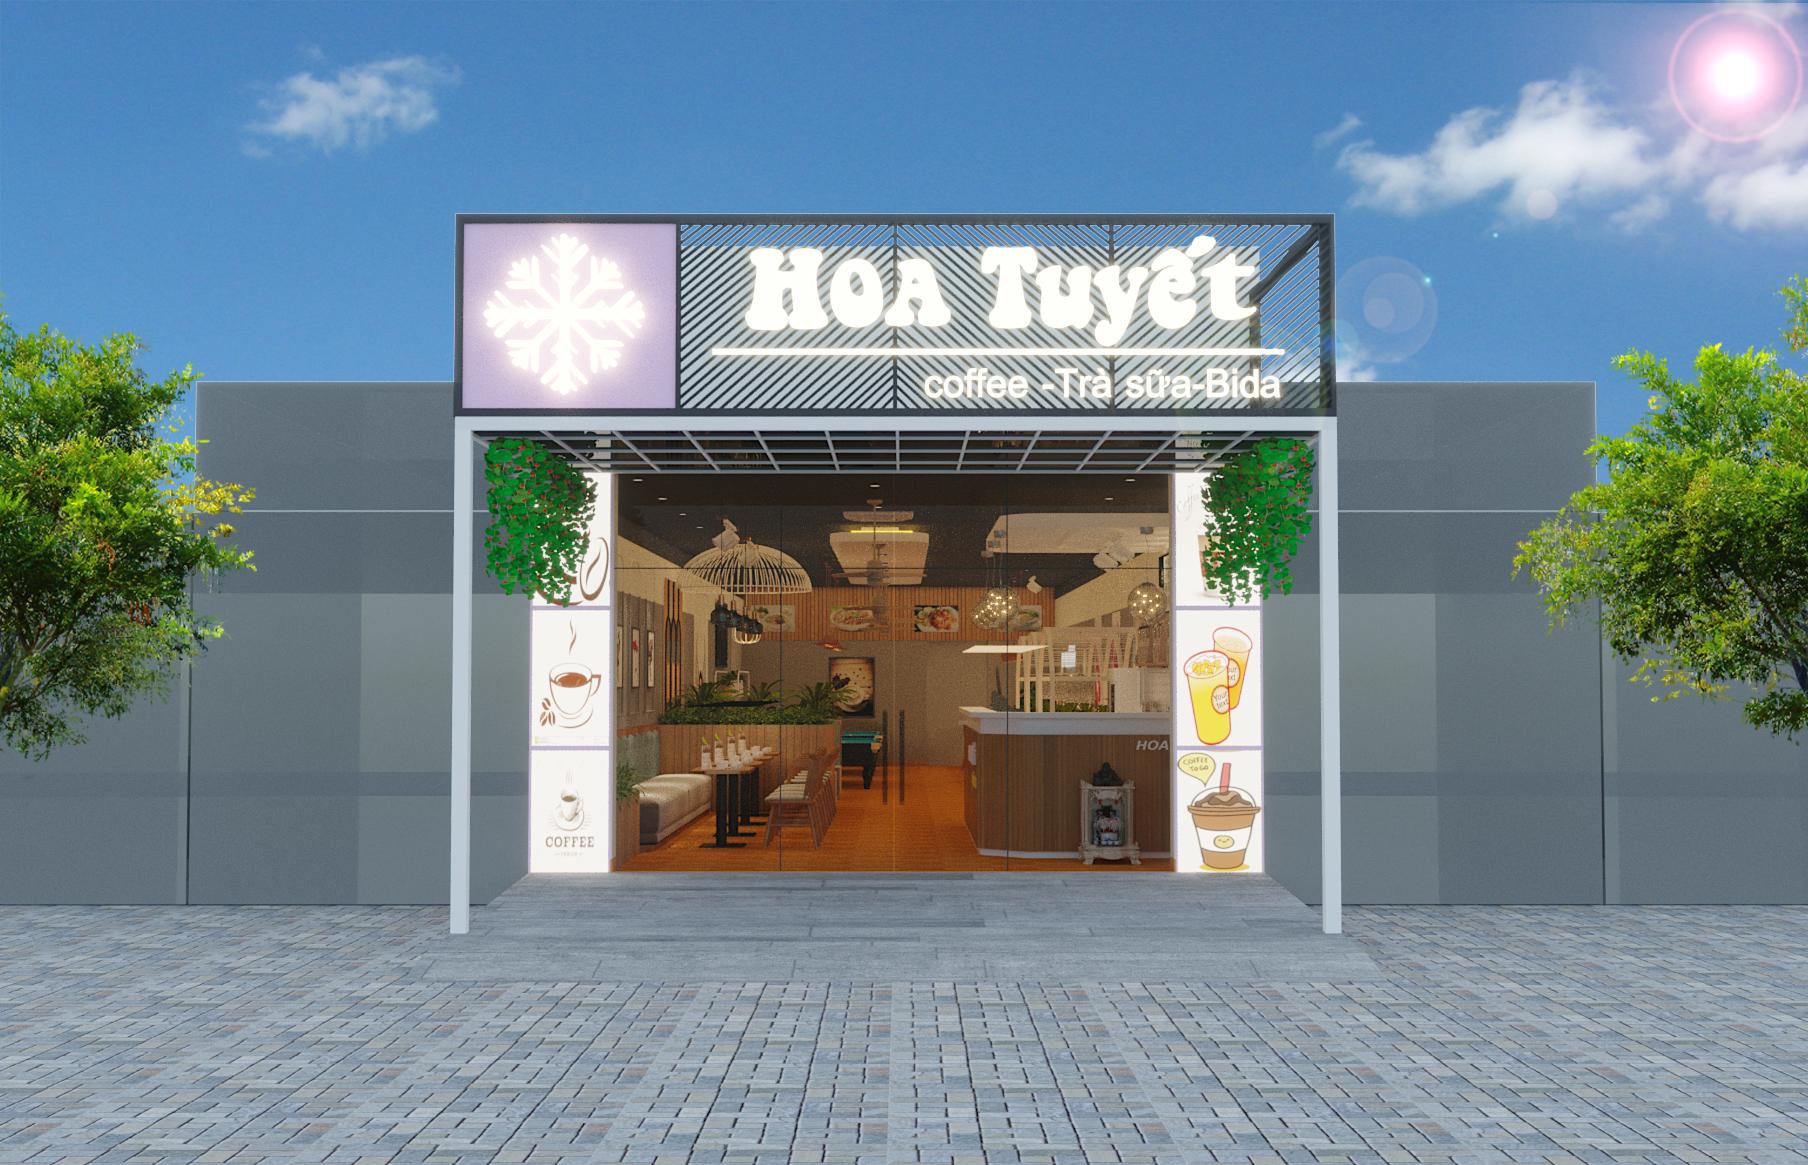 Thiết kế quán Hoa Tuyết Coffee &Tea